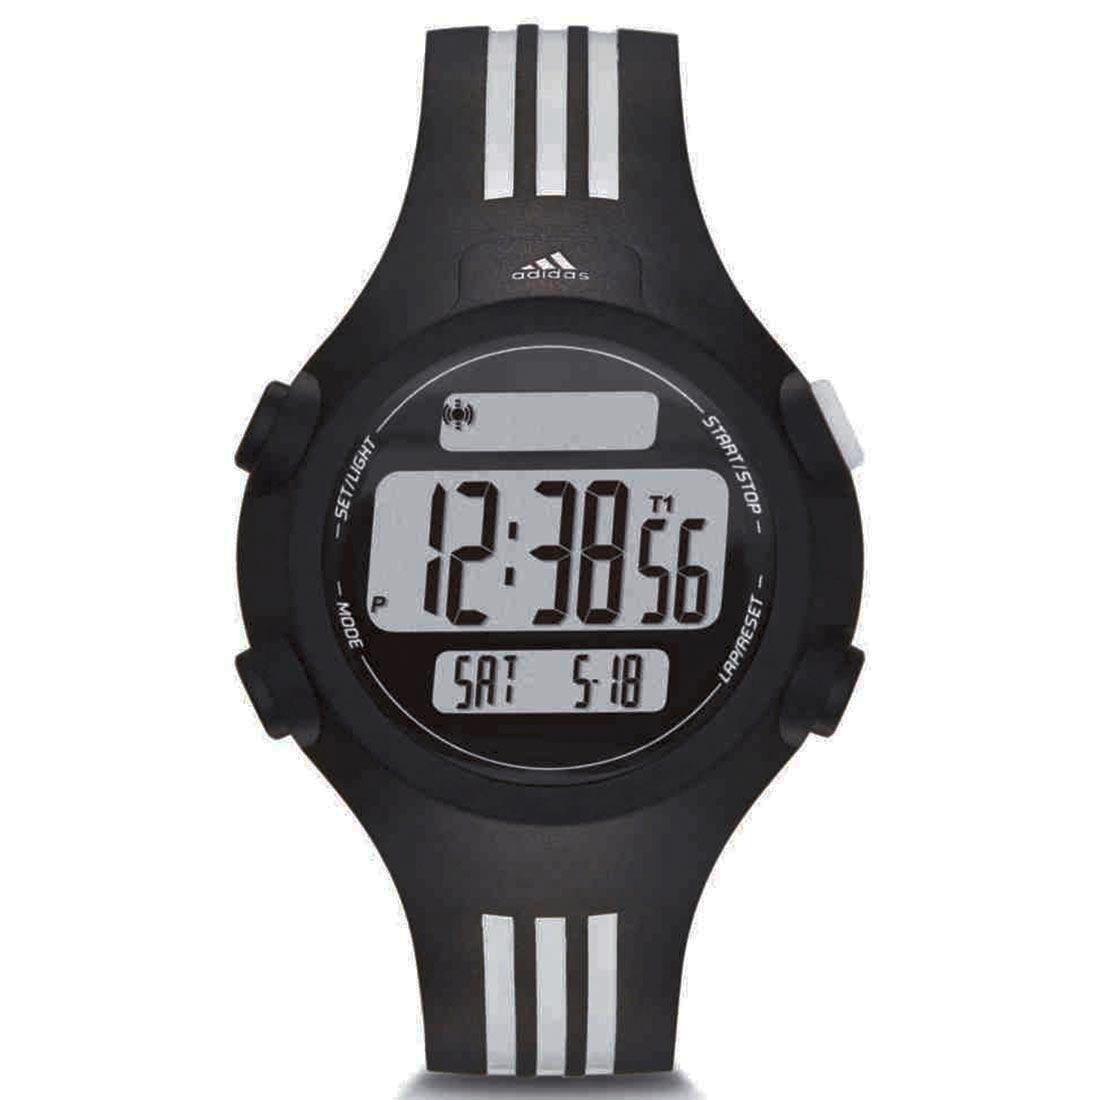 7016825ca73 Relógio Masculino adidas Digital - Adp6085 8pn - R  135